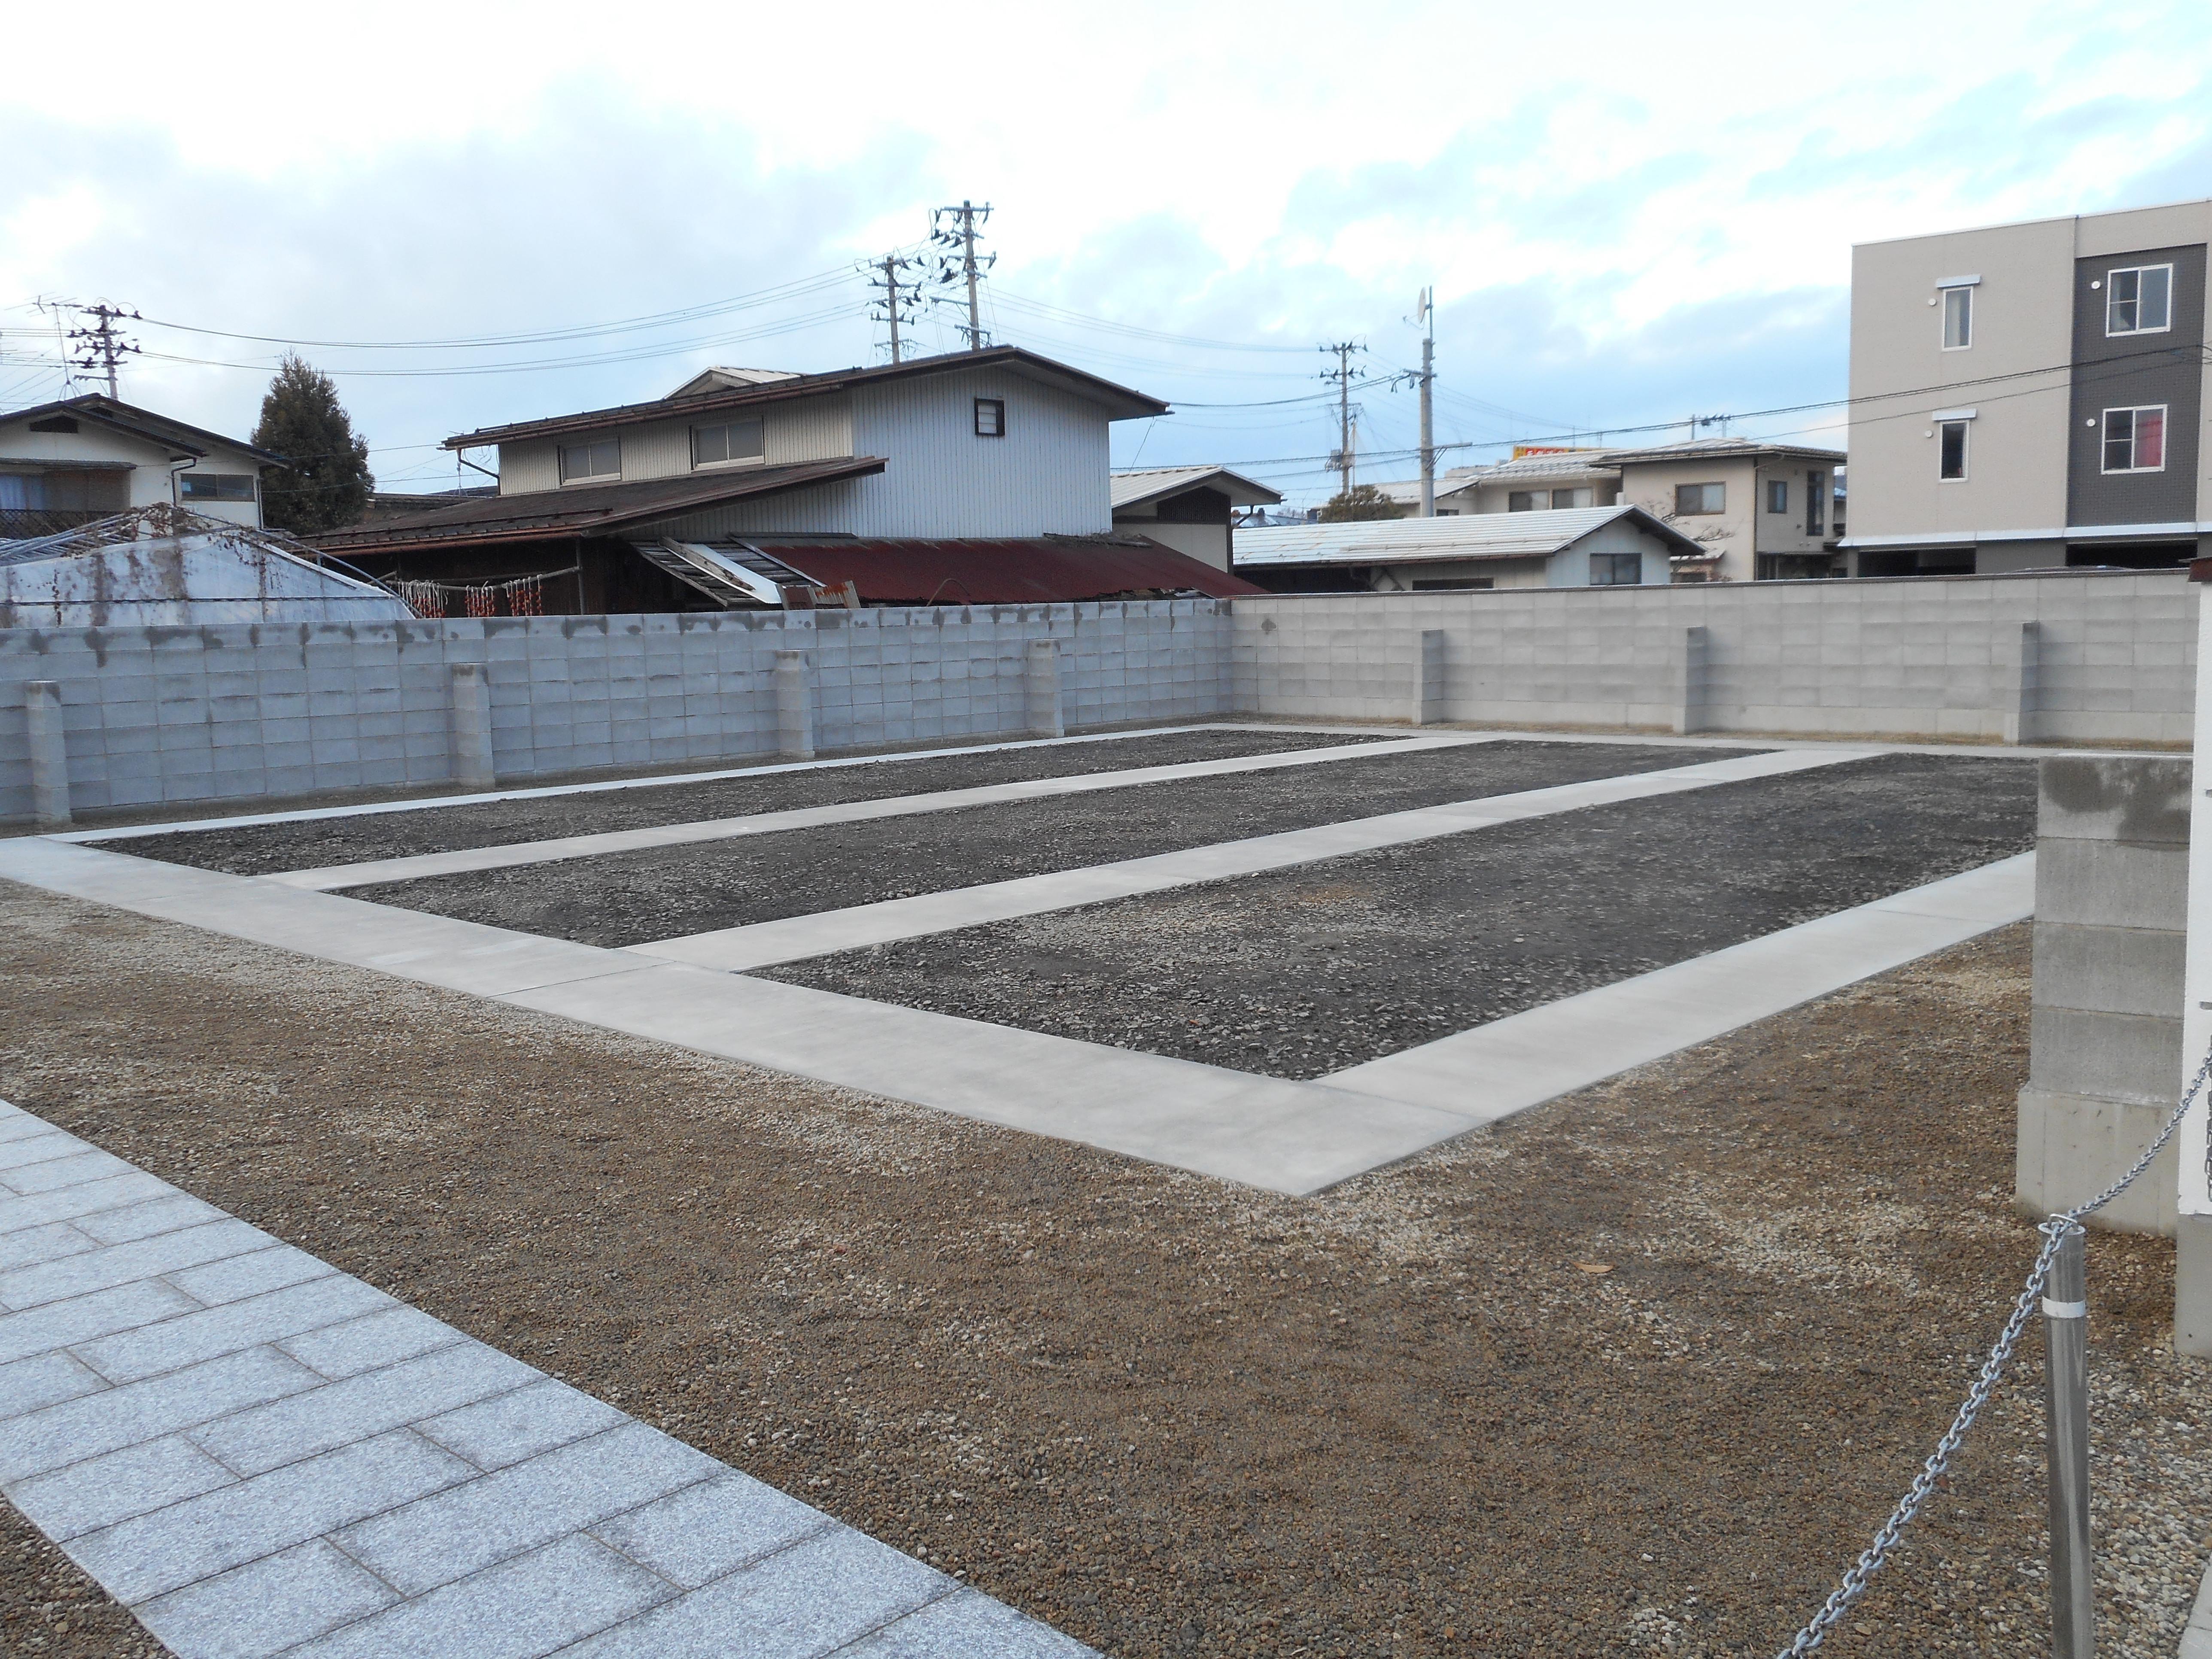 山形市五日町 浄松寺様の永代供養塔が完成いたしました。